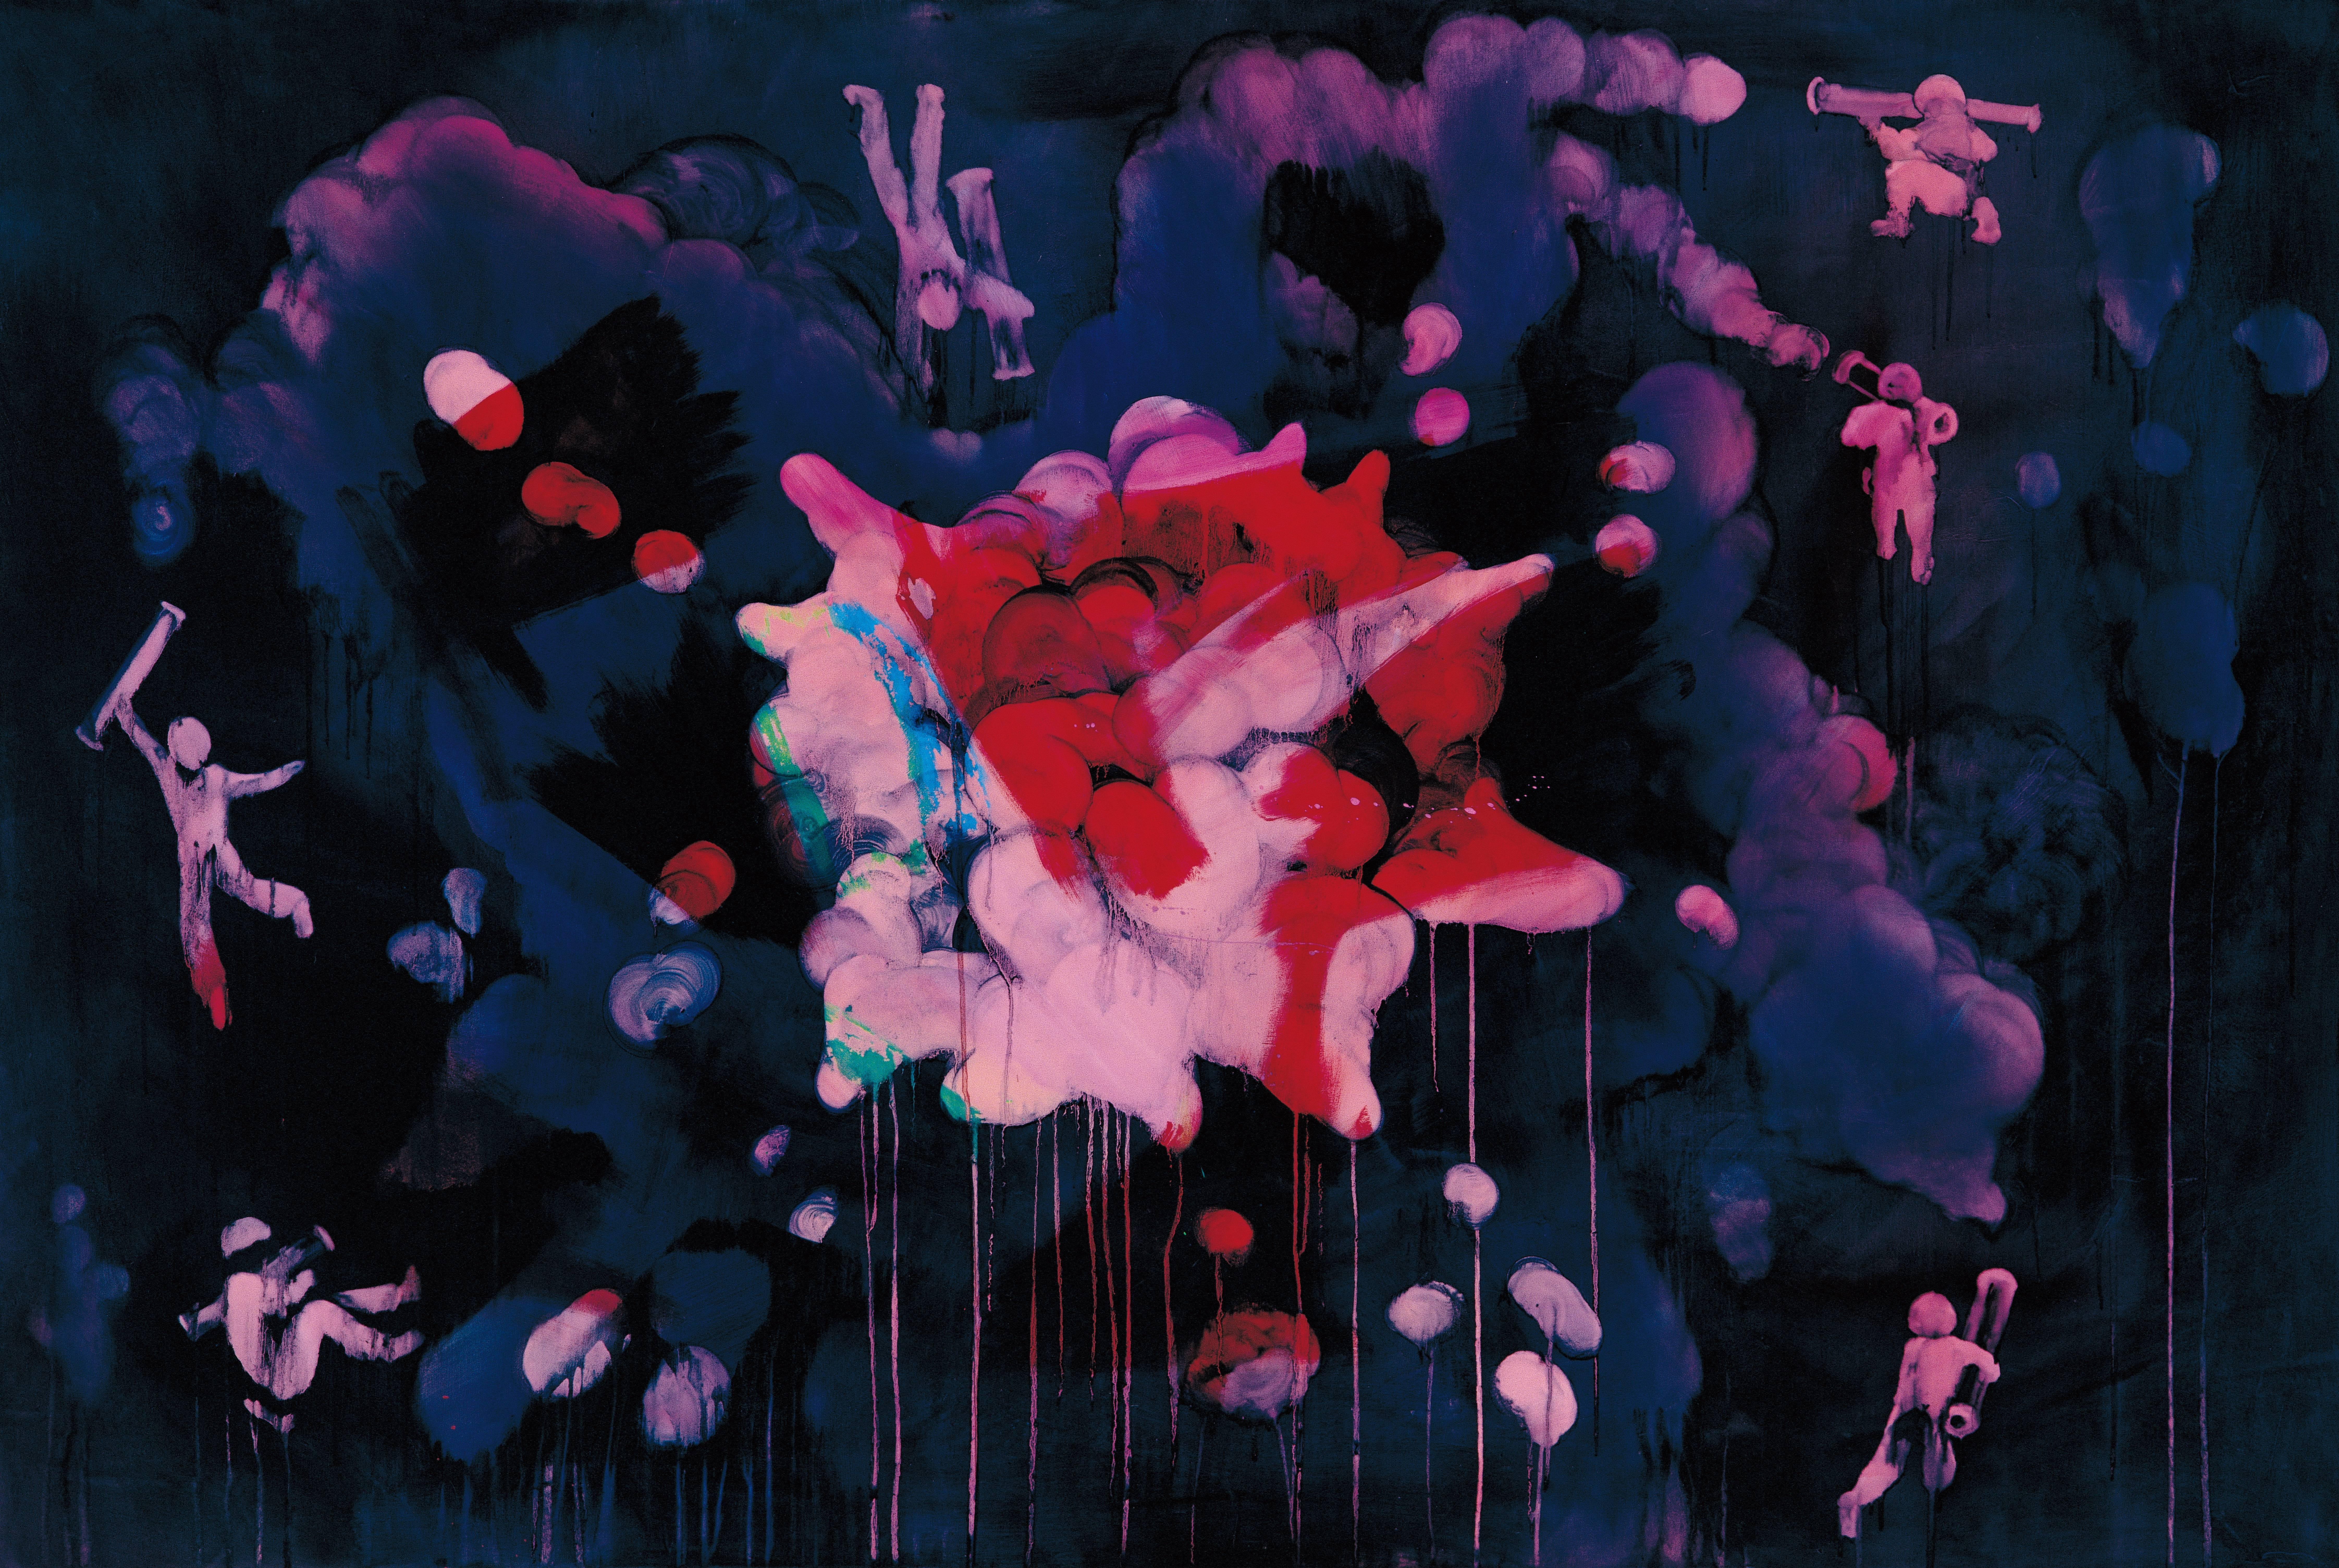 常陵|五花肉系列-肉兵器-火箭筒|2006|油彩|130x194cm